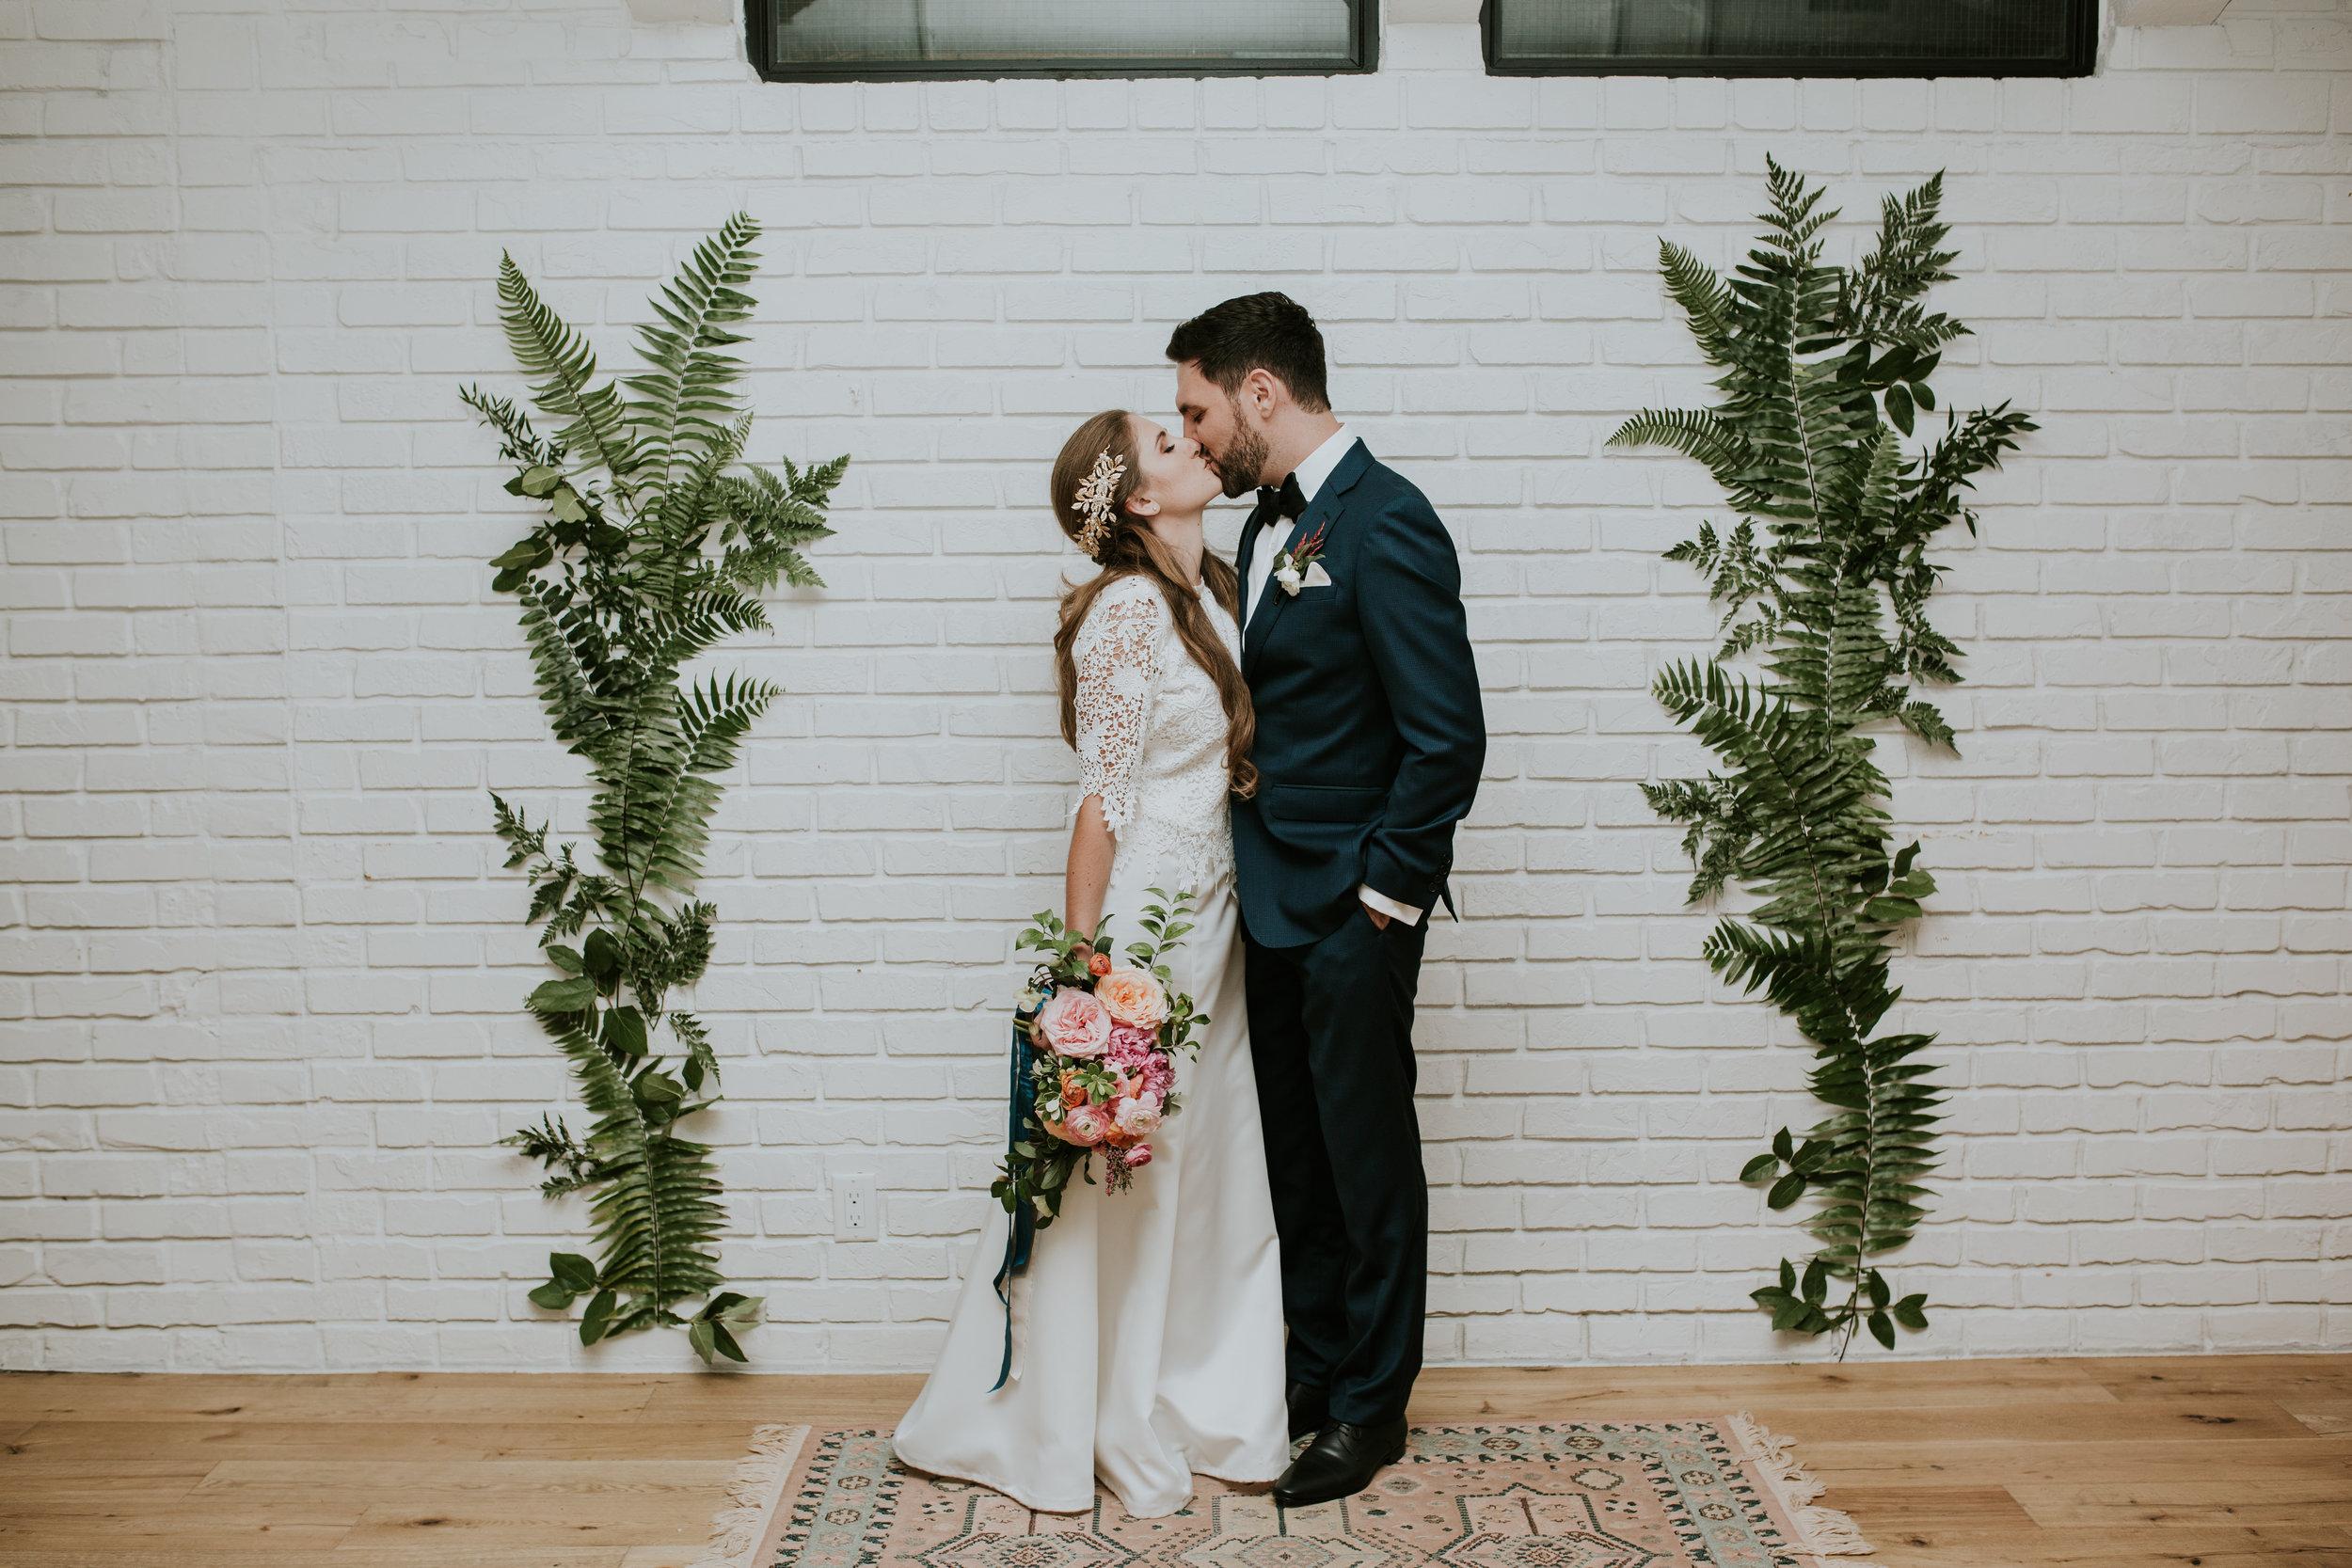 fern-wall-wedding-ceremony.jpg